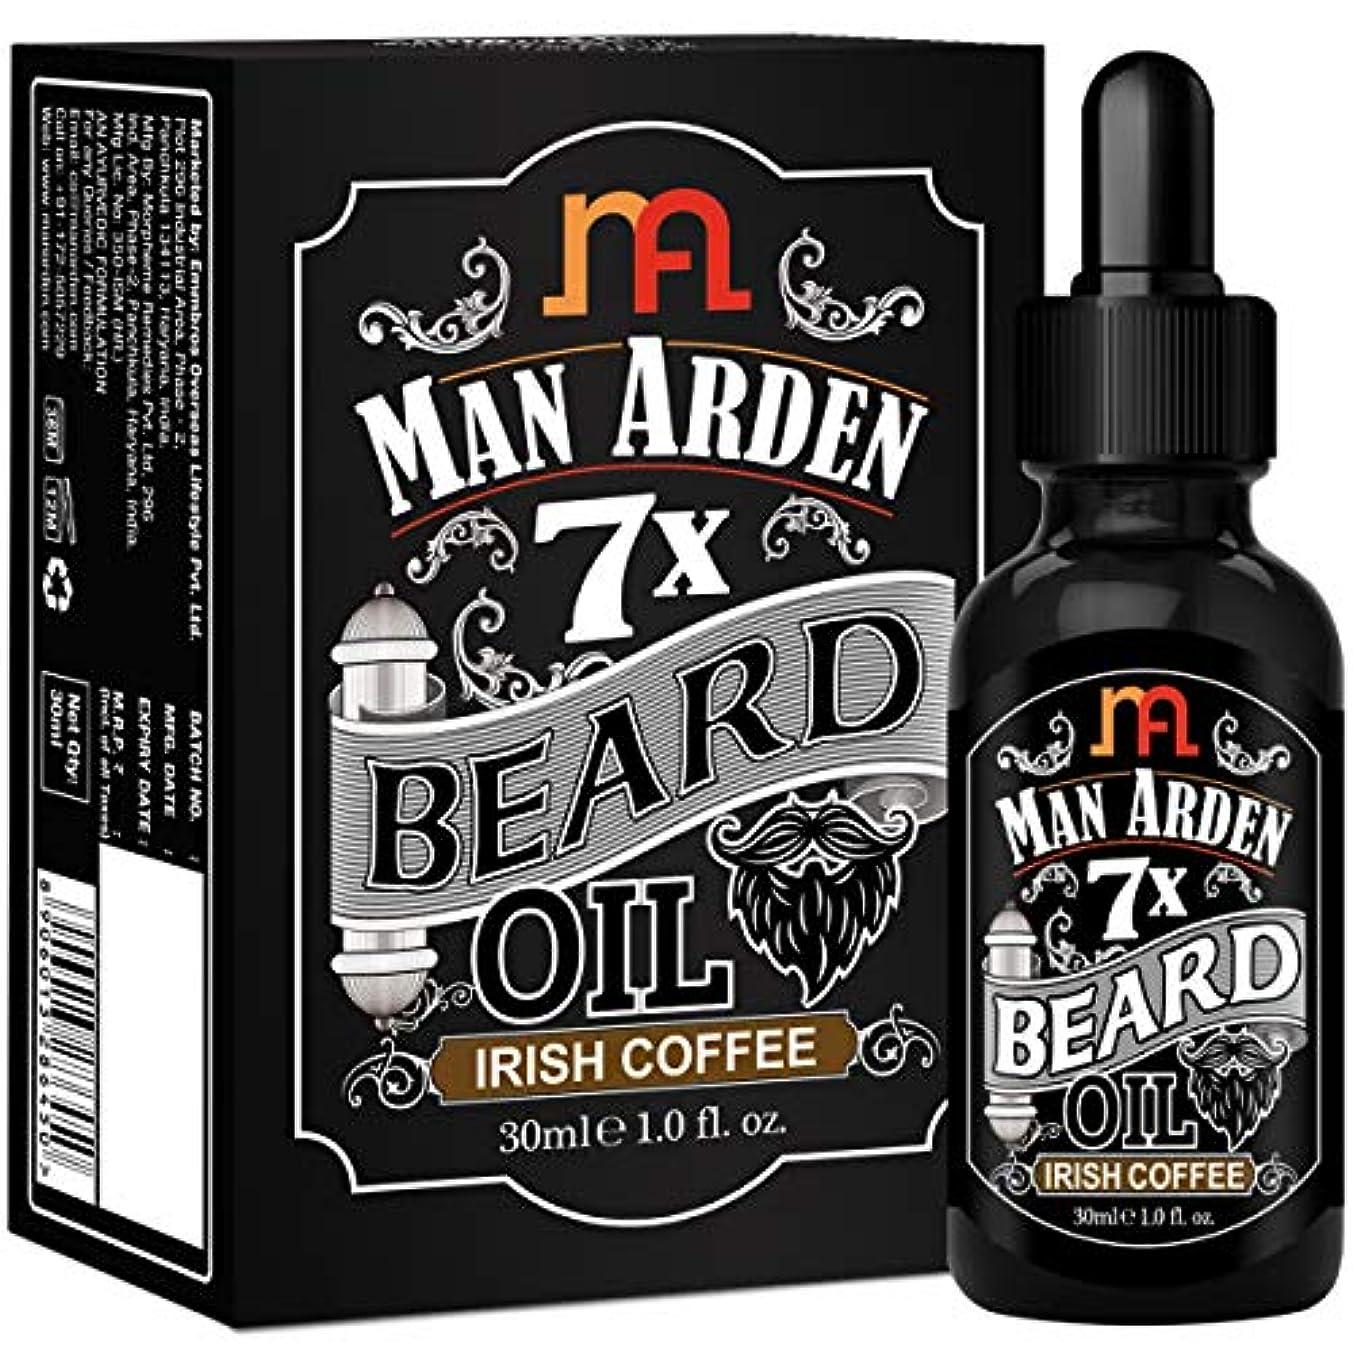 超高層ビル借りているティーンエイジャーMan Arden 7X Beard Oil 30ml (Irish Coffee) - 7 Premium Oils For Beard Growth & Nourishment